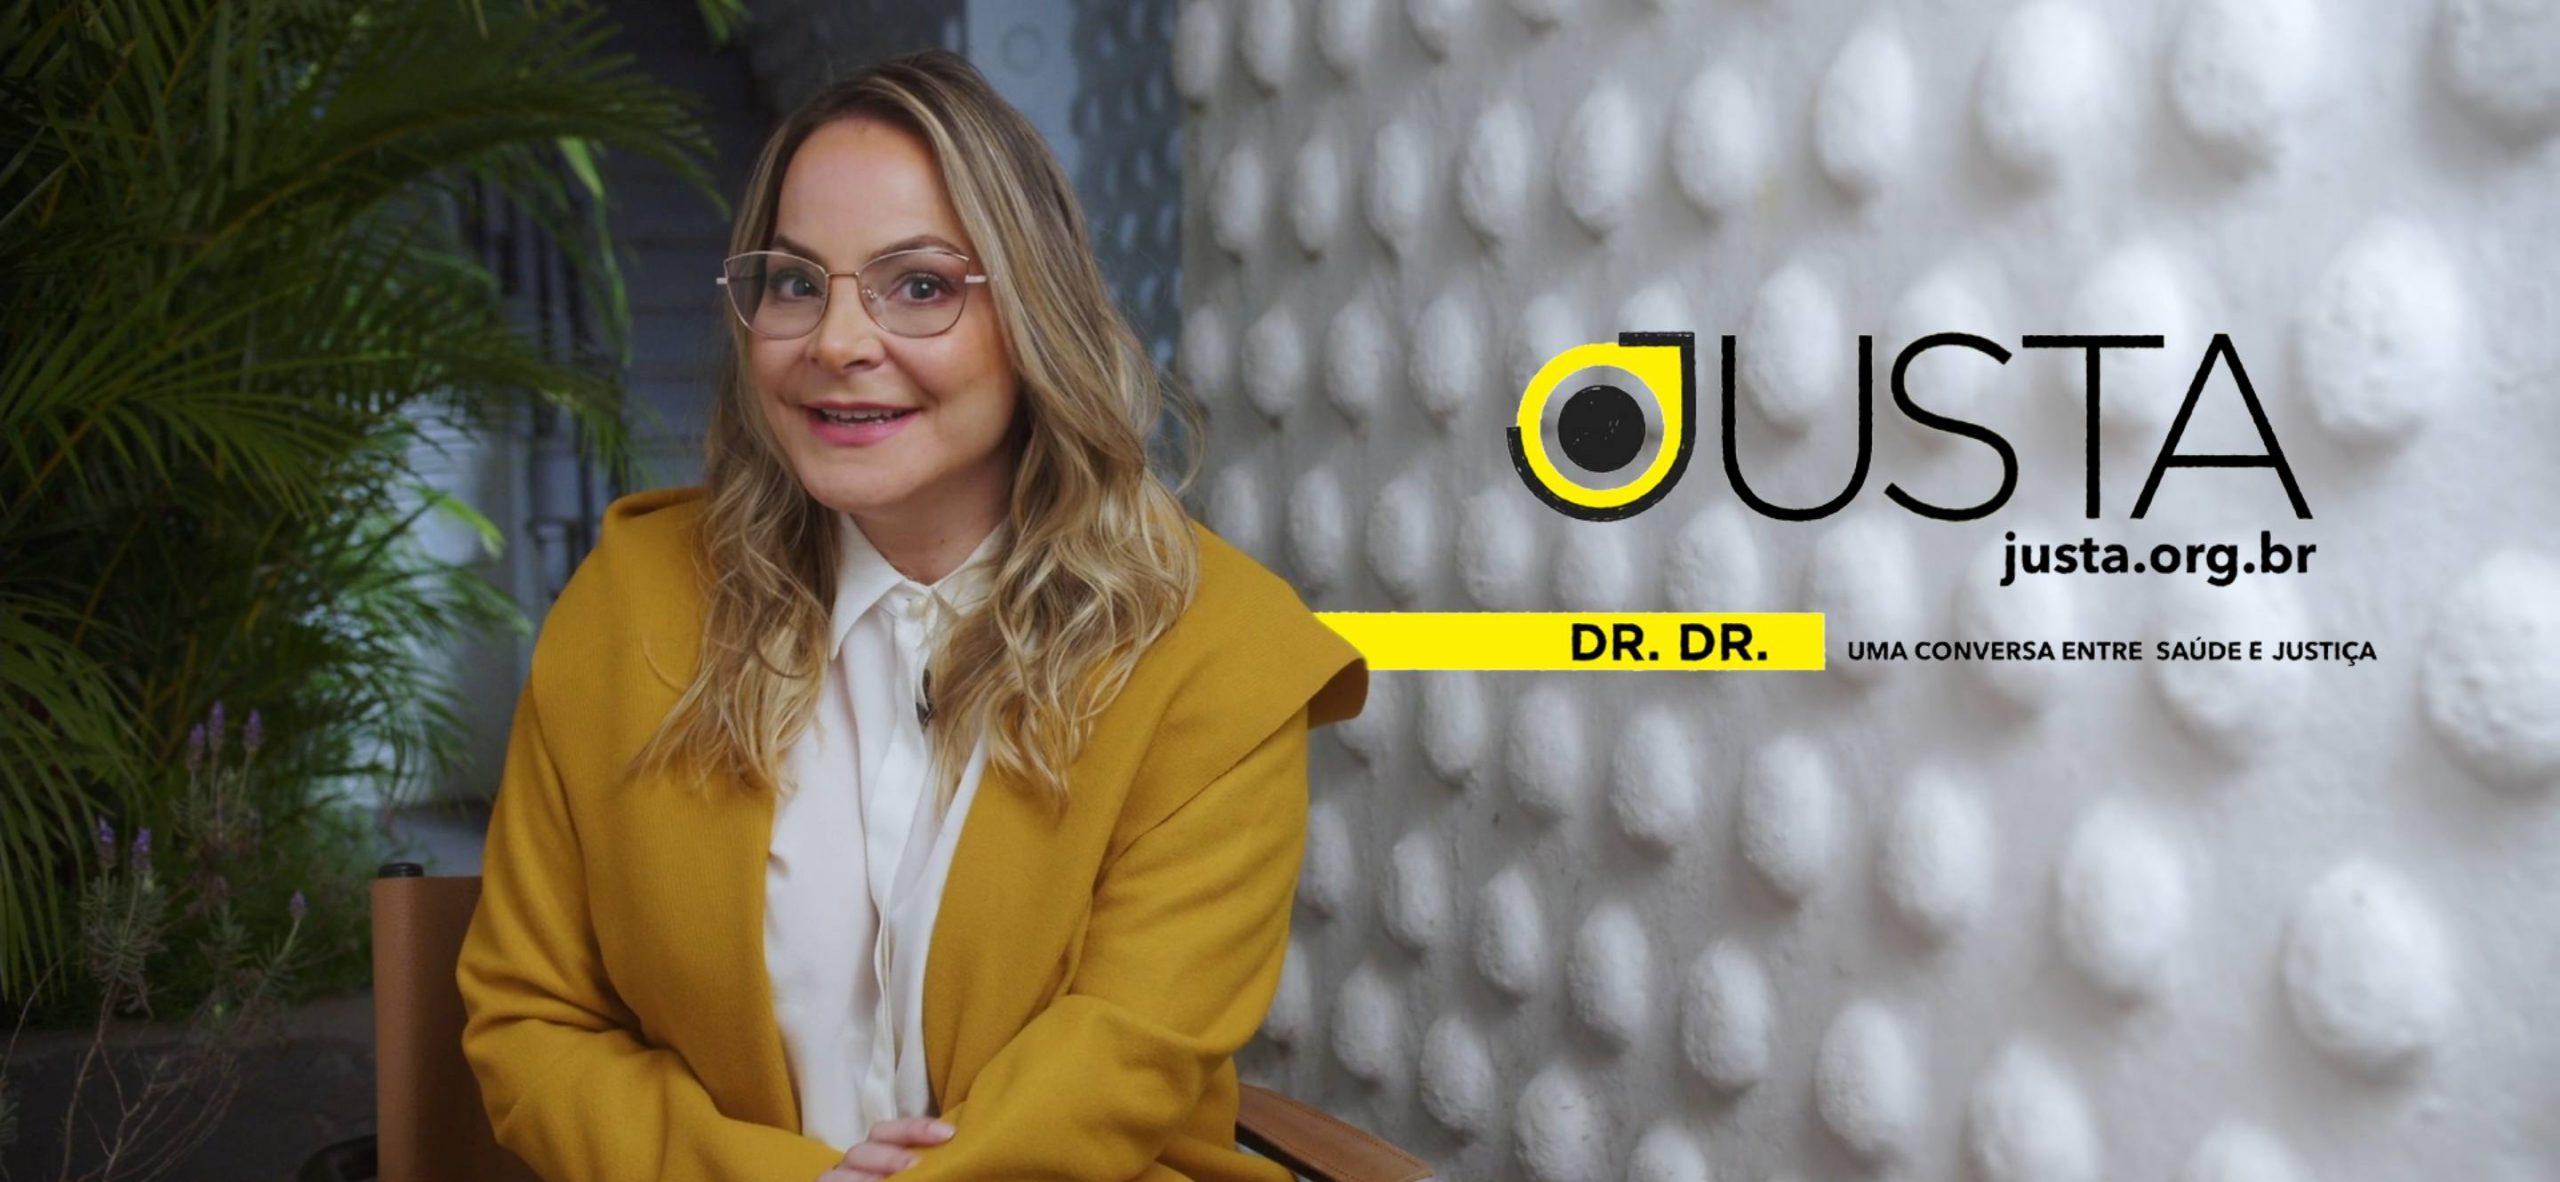 Série Dr.Dr Justa lança série de vídeos para Whatsapp, com uma contribuição do campo da Saúde para que a Justiça se prepare para lidar com a crise de saúde mental mundial.